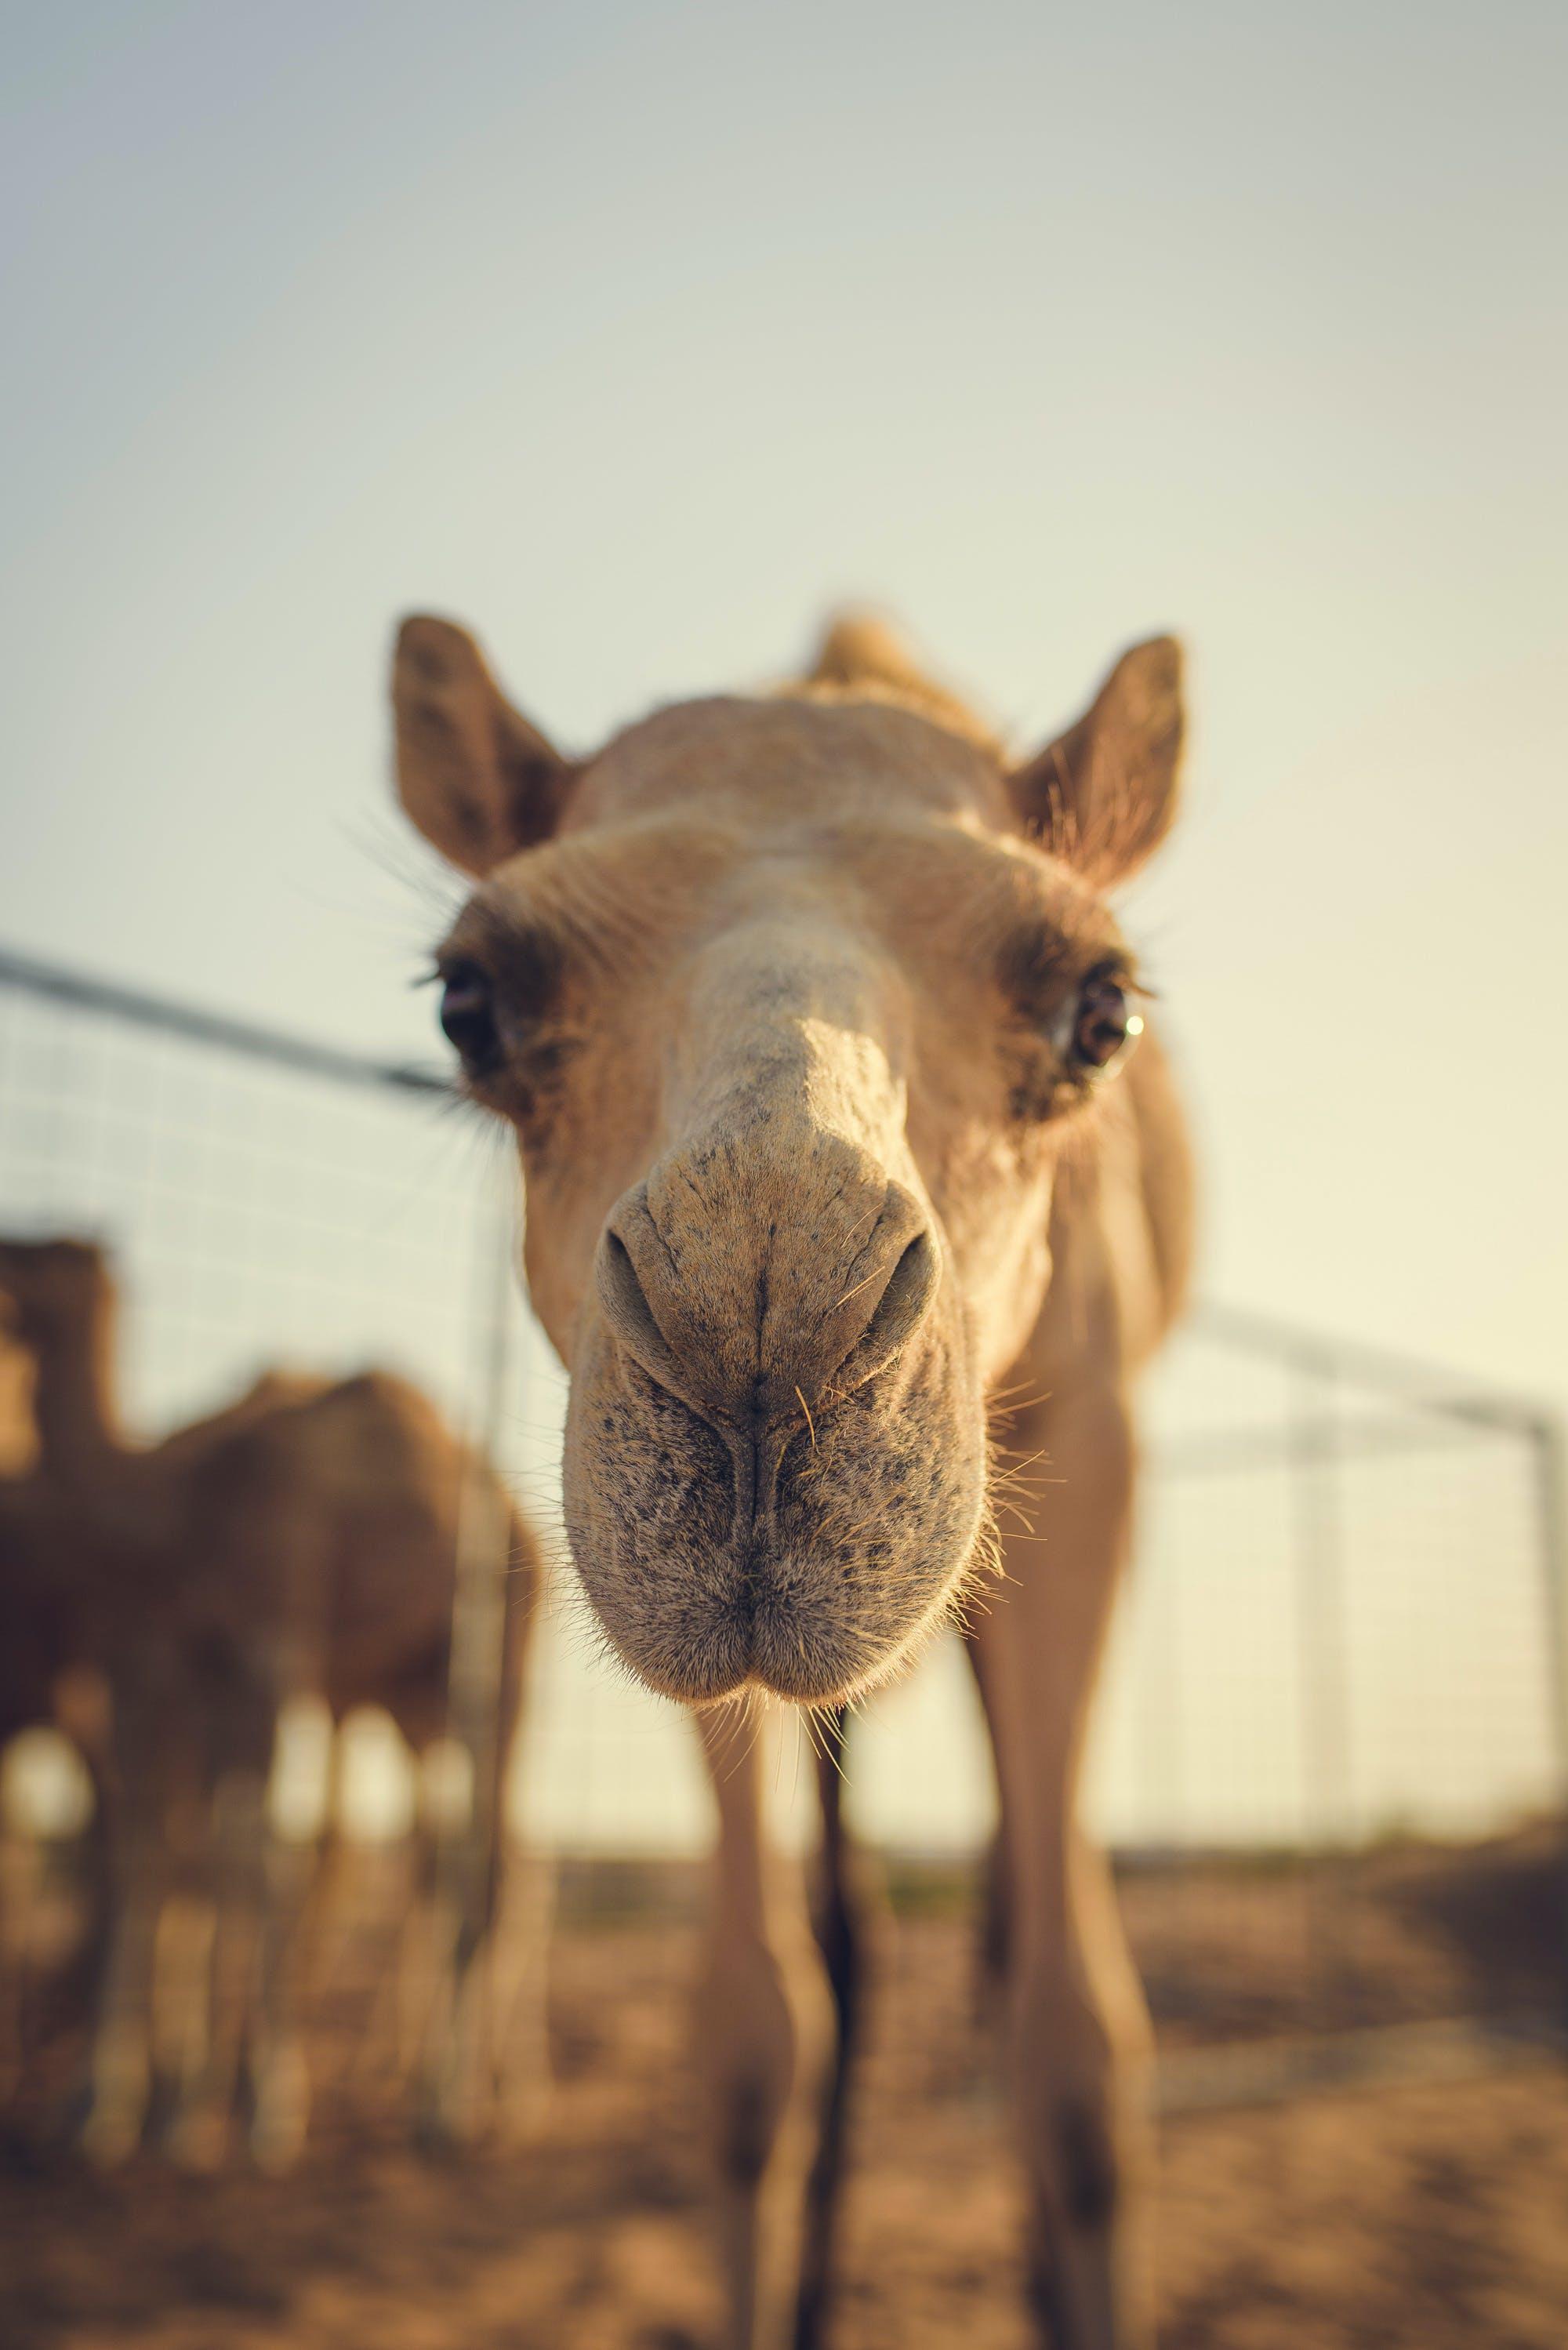 Δωρεάν στοκ φωτογραφιών με άγρια φύση, άγριος, αγρόκτημα, Αραβική καμήλα